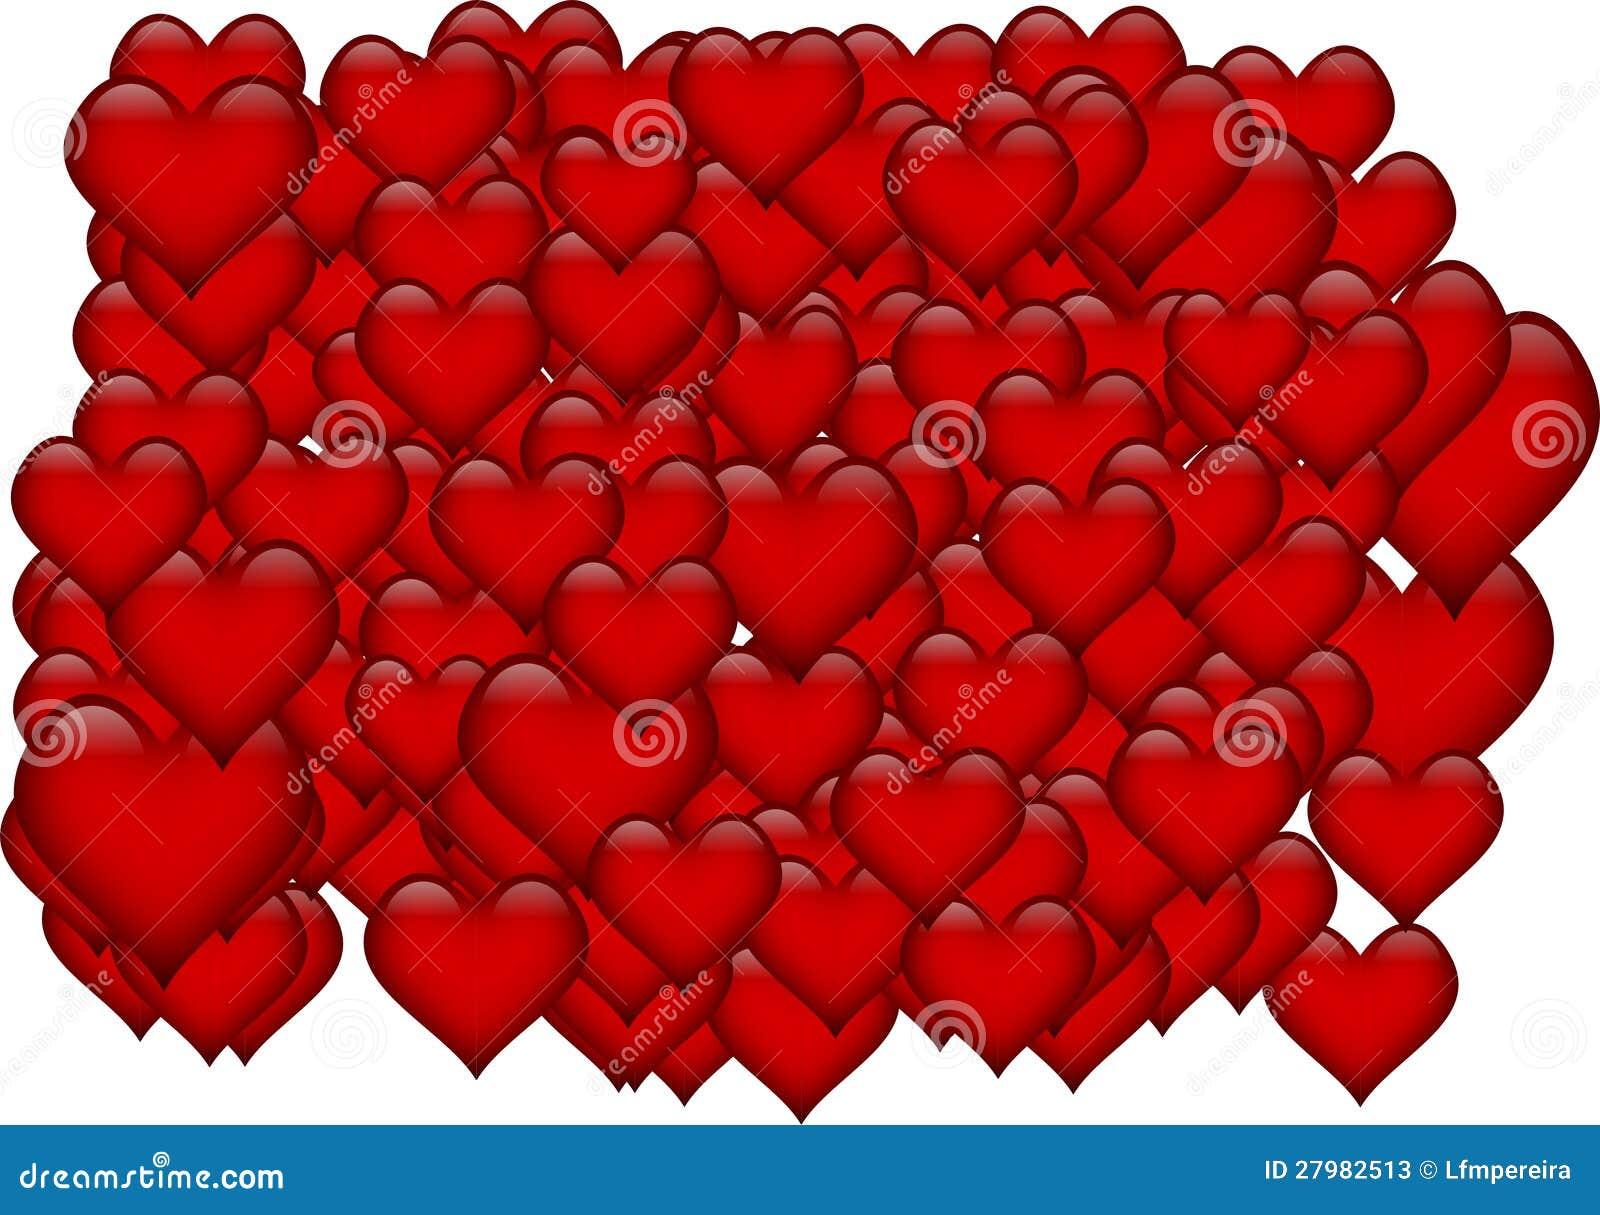 Αποτέλεσμα εικόνας για καρδιές φωτογραφίες